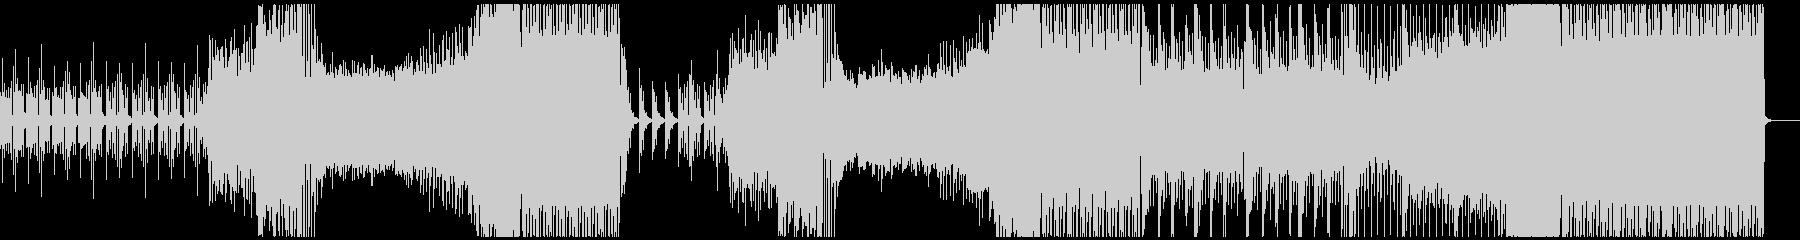 トロピカルハウス+ラテン、洋楽テイストの未再生の波形